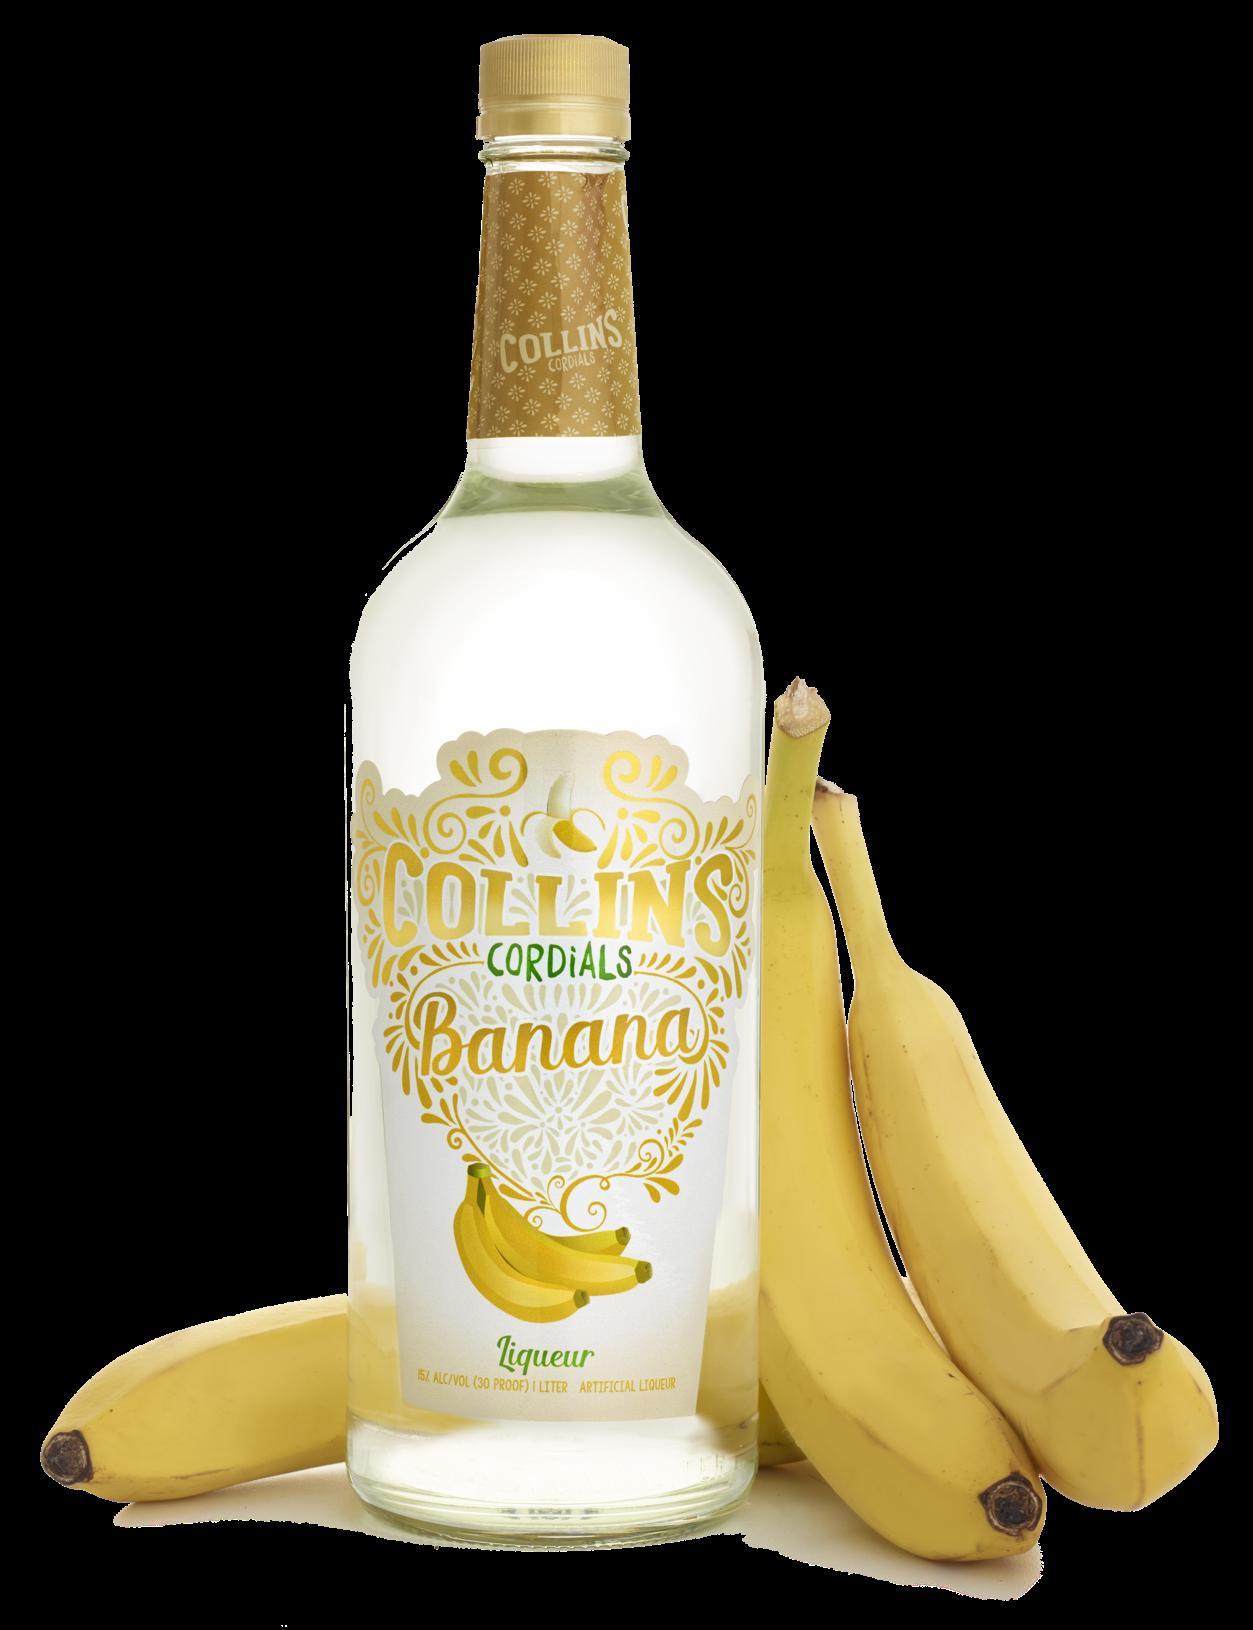 Banana Liqueur   Collins Cordials